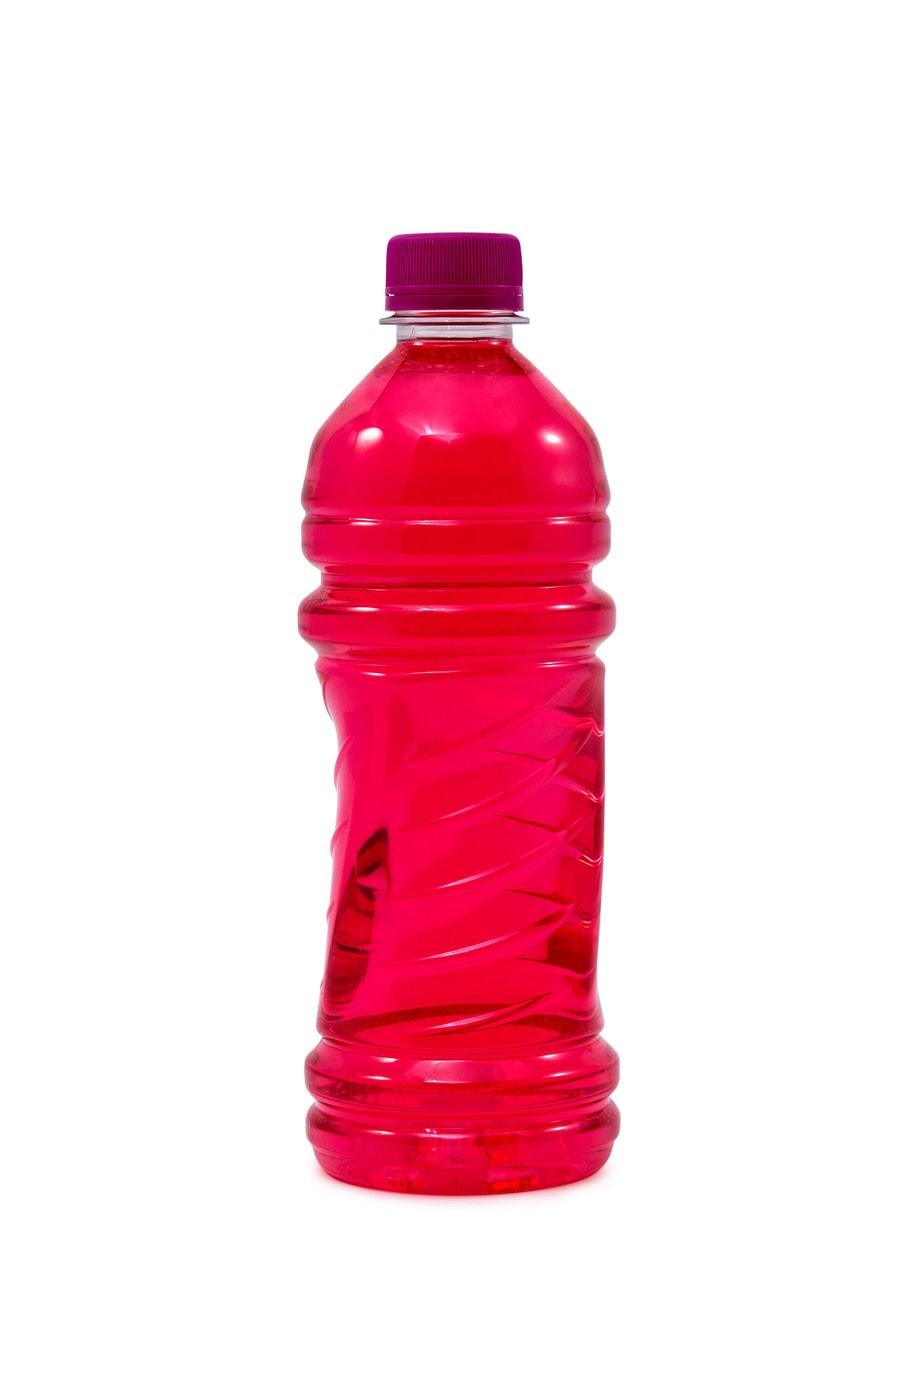 The Color Club - HR bottle 5